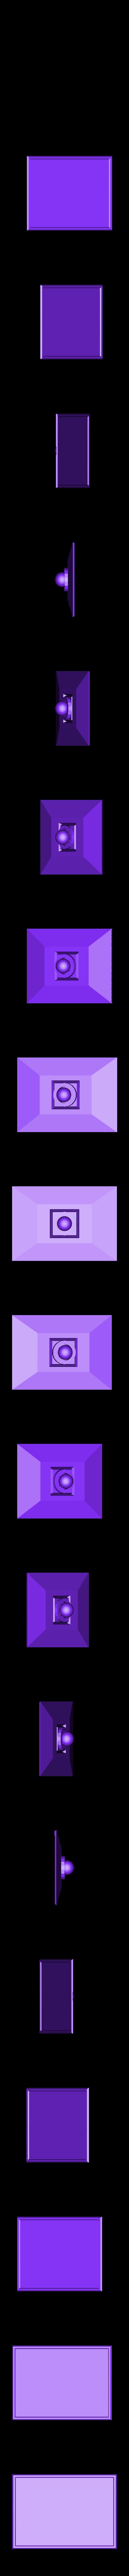 bigscreen.STL Télécharger fichier STL gratuit les images de l'écran déroulant (écran vert) • Objet pour imprimante 3D, Fayeya